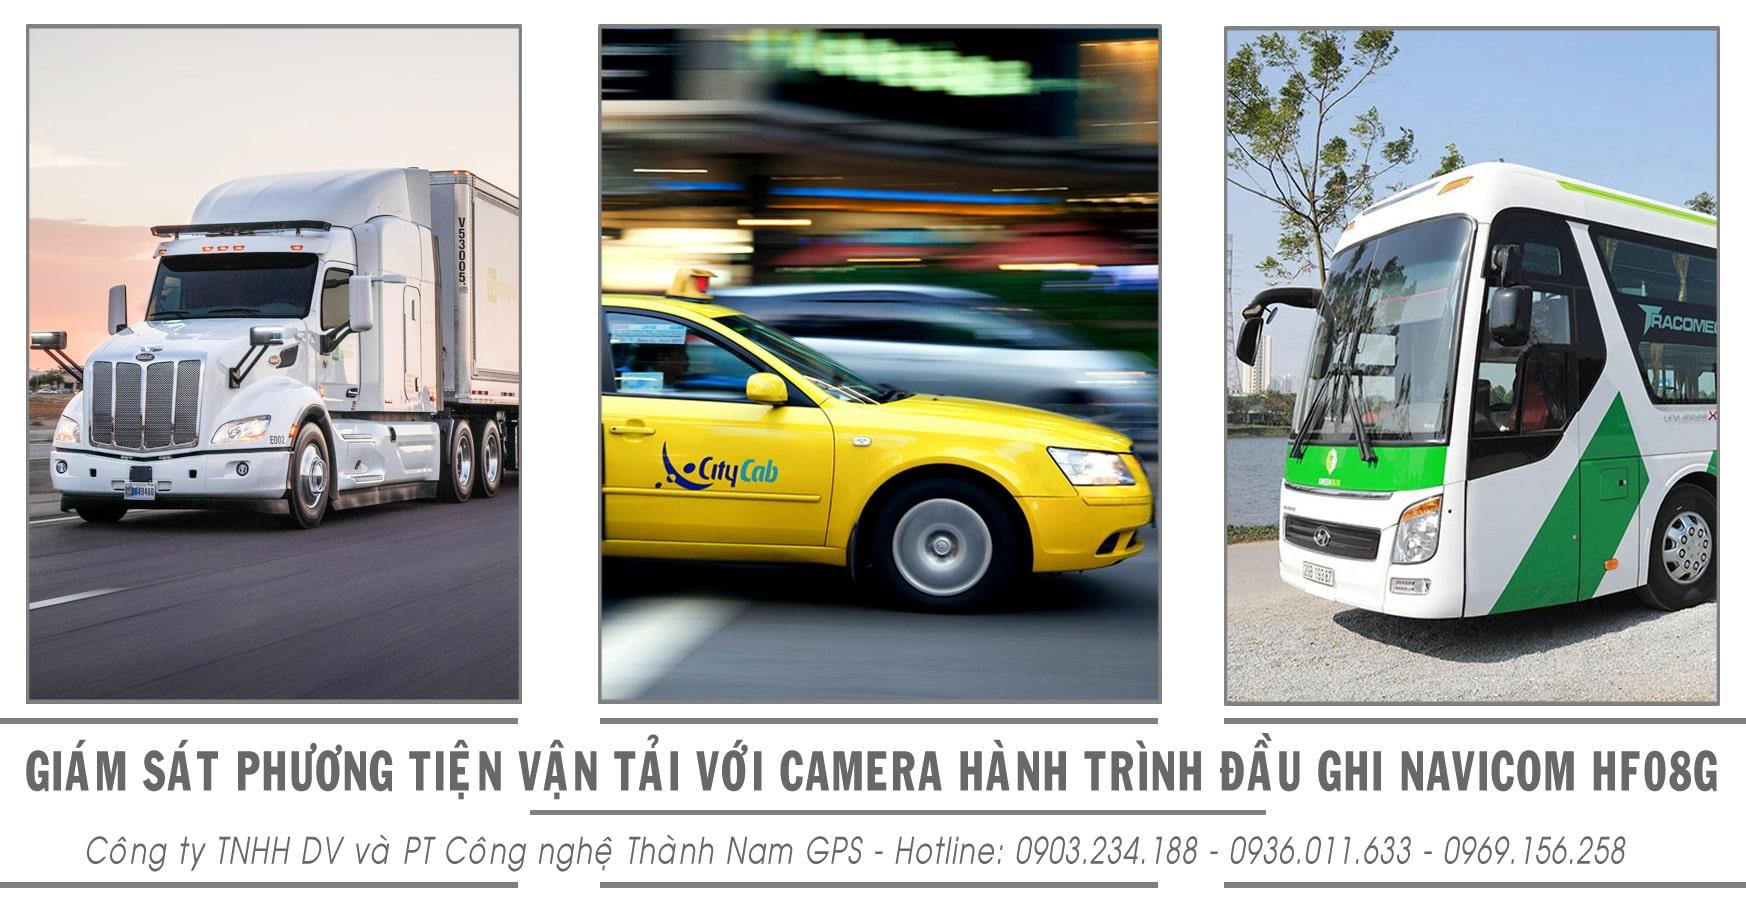 giám sát phương tiện vận tải bằng camera hành trình đầu ghi navicom